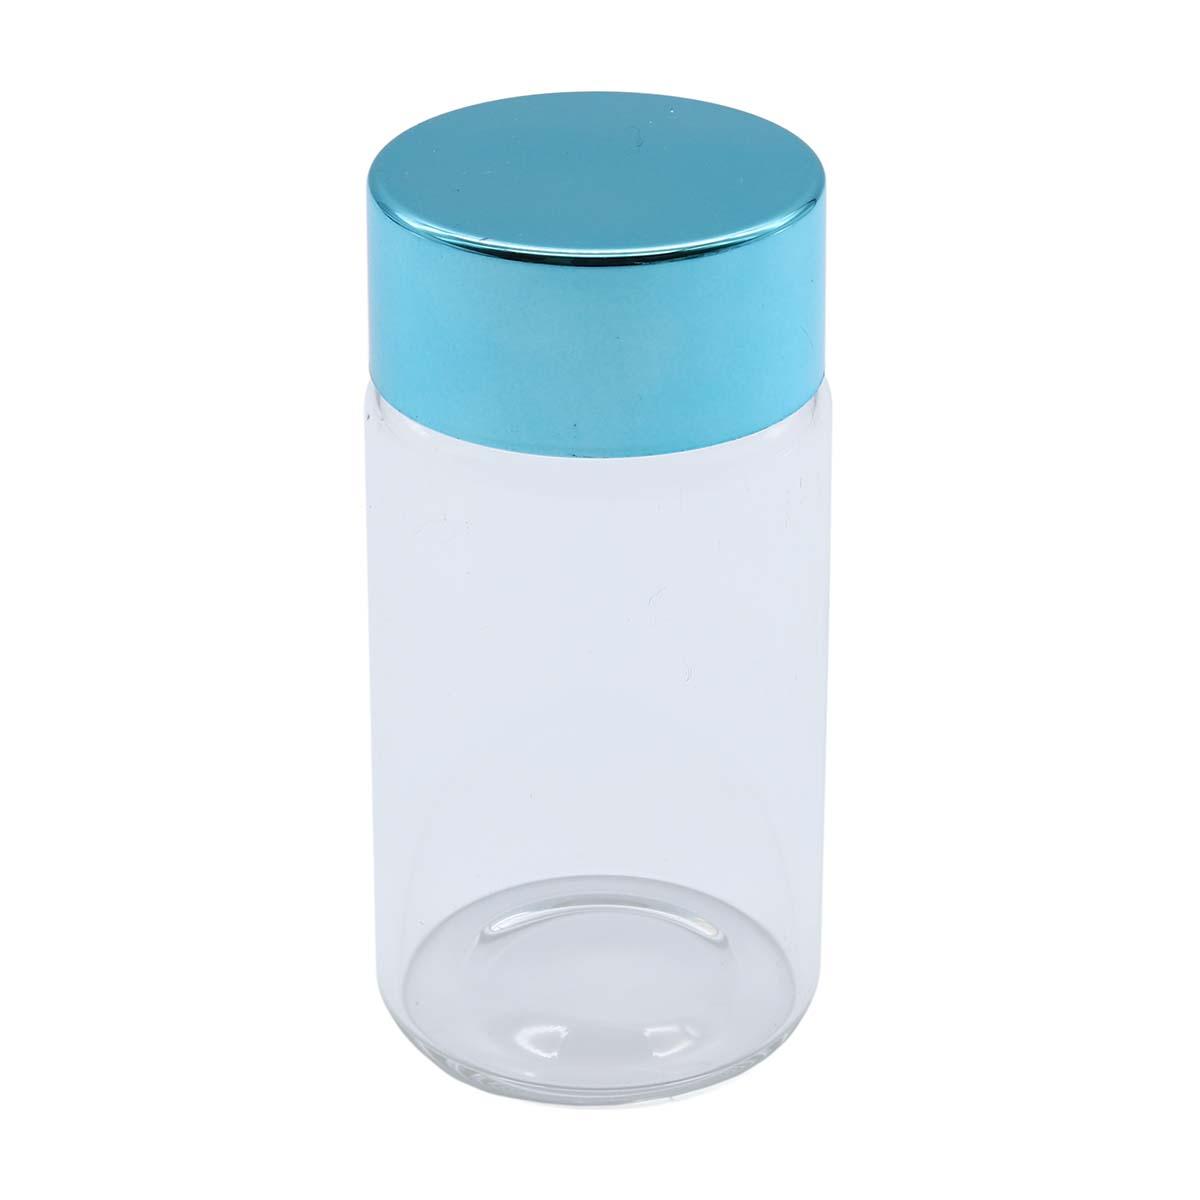 AR1336-5 Бутылочка стеклянная с цветной крышечкой 3,7*7см, 2шт/упак